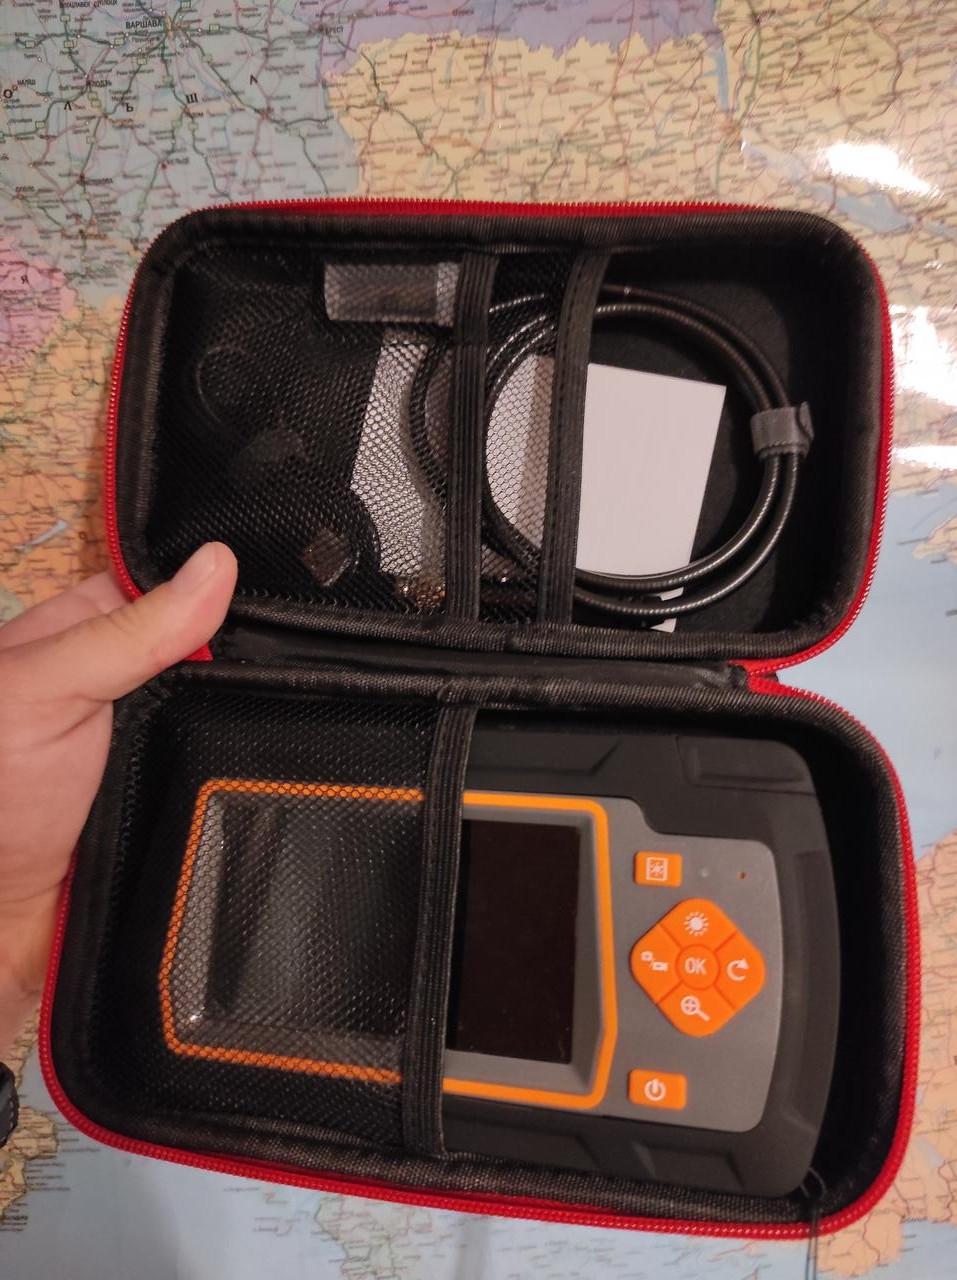 Ендоскоп 5,5 мм Подвійна камера для діагностики Дизельних та Бензинових двигунів товщина всього 5,5 мм Зум 2х